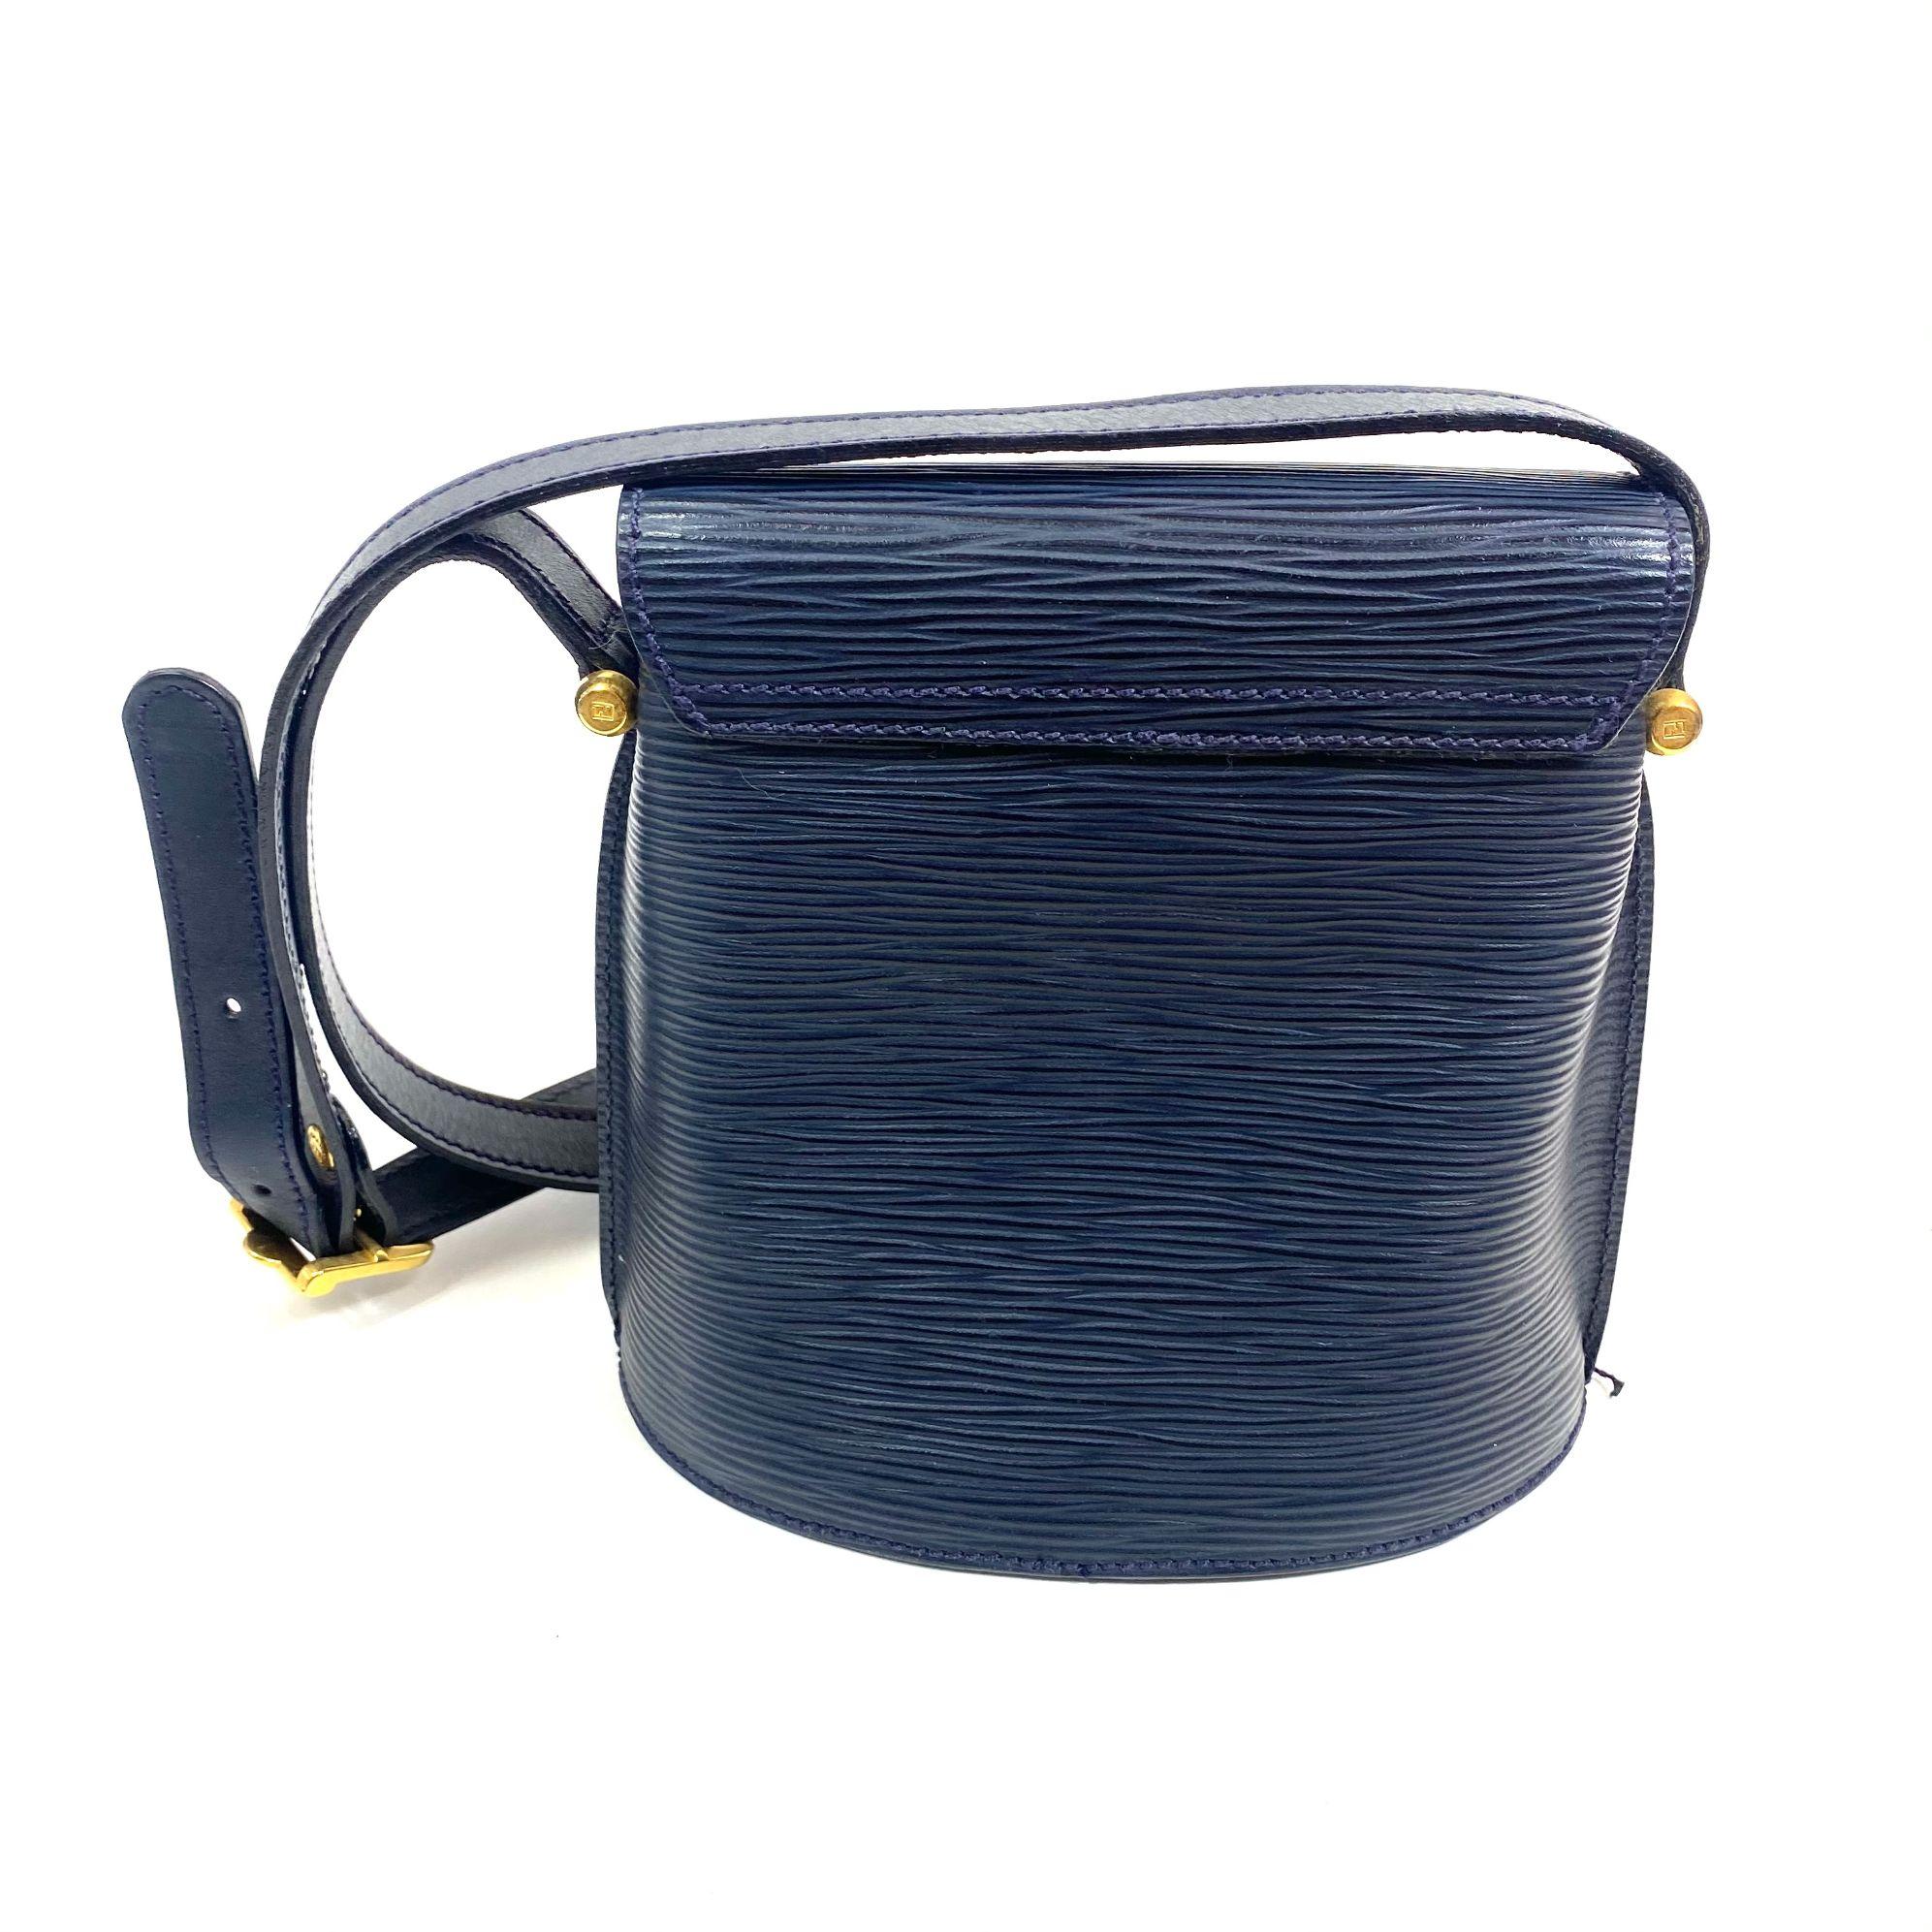 Bolsa Fendi FF Vintage Azul Marinho